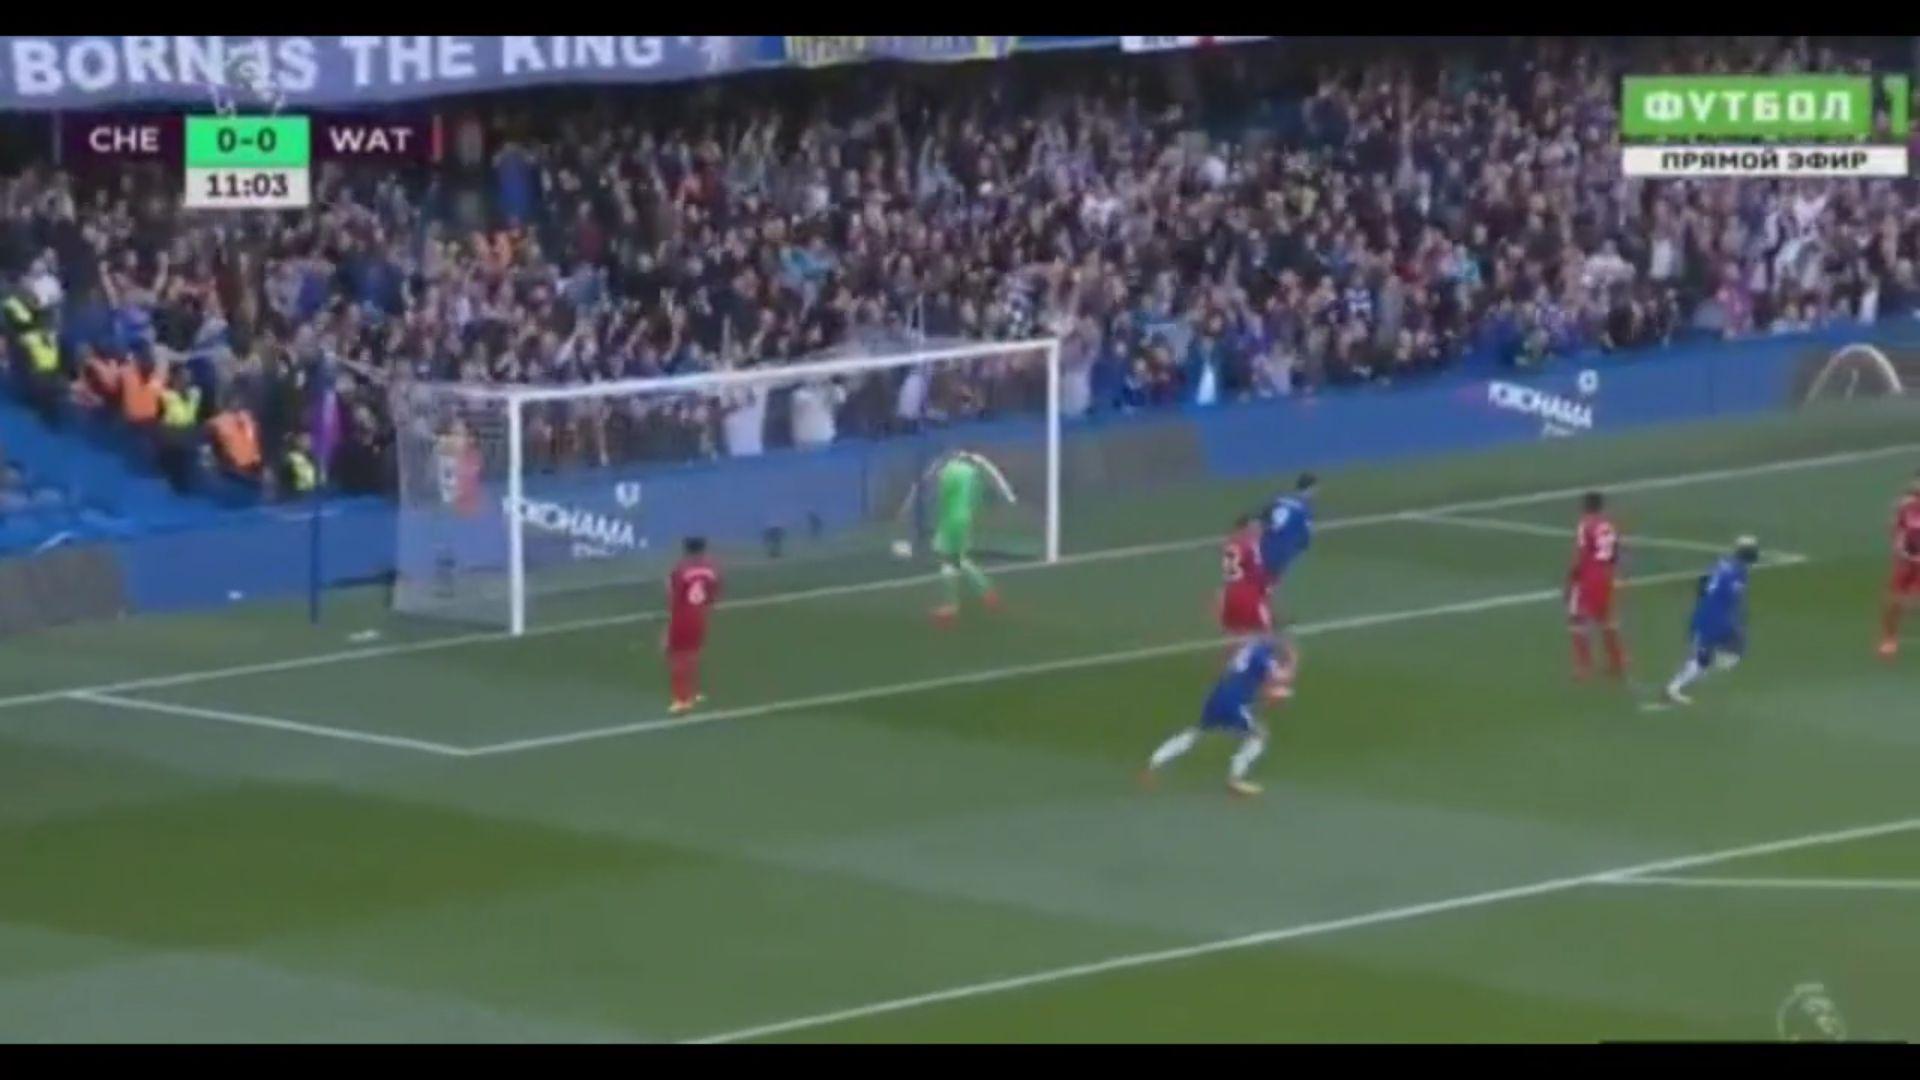 21-10-2017 - Chelsea 4-2 Watford